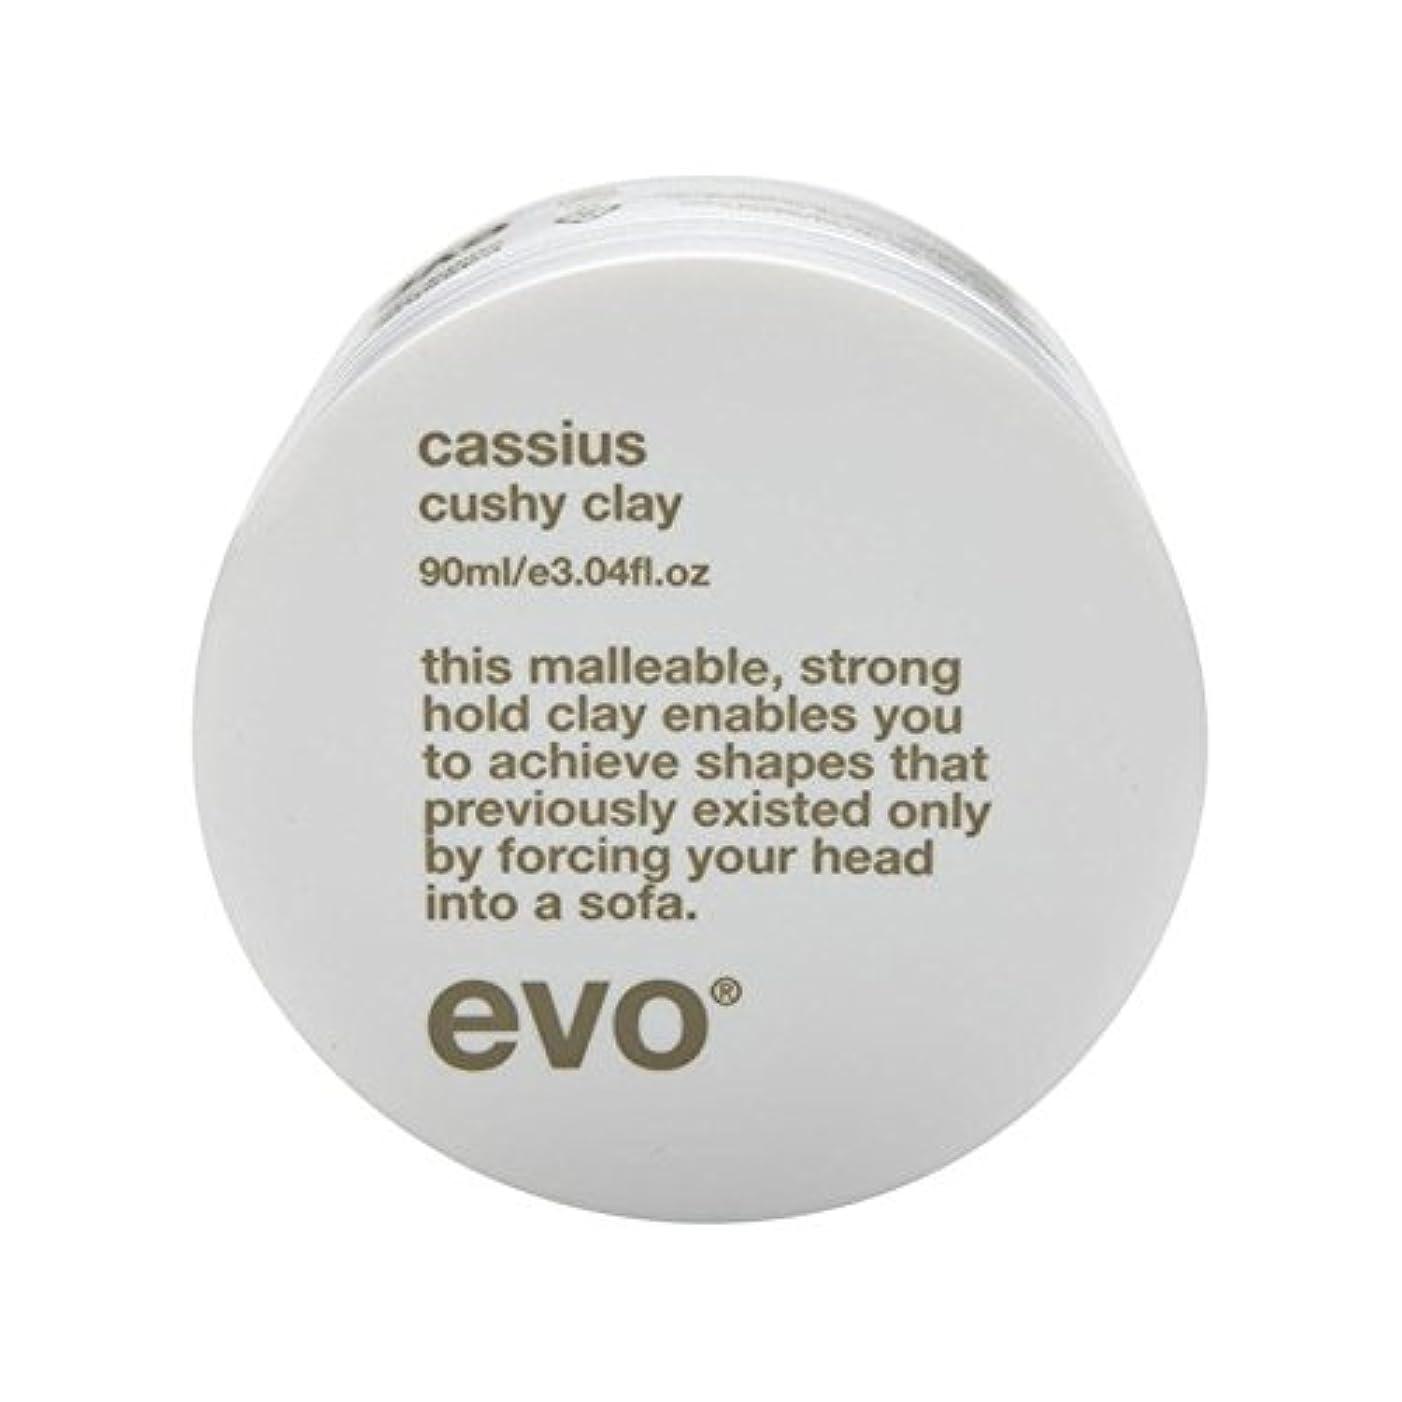 びっくりした偏差ケイ素エボカシウス楽な粘土90グラム x4 - Evo Cassius Cushy Clay 90G (Pack of 4) [並行輸入品]